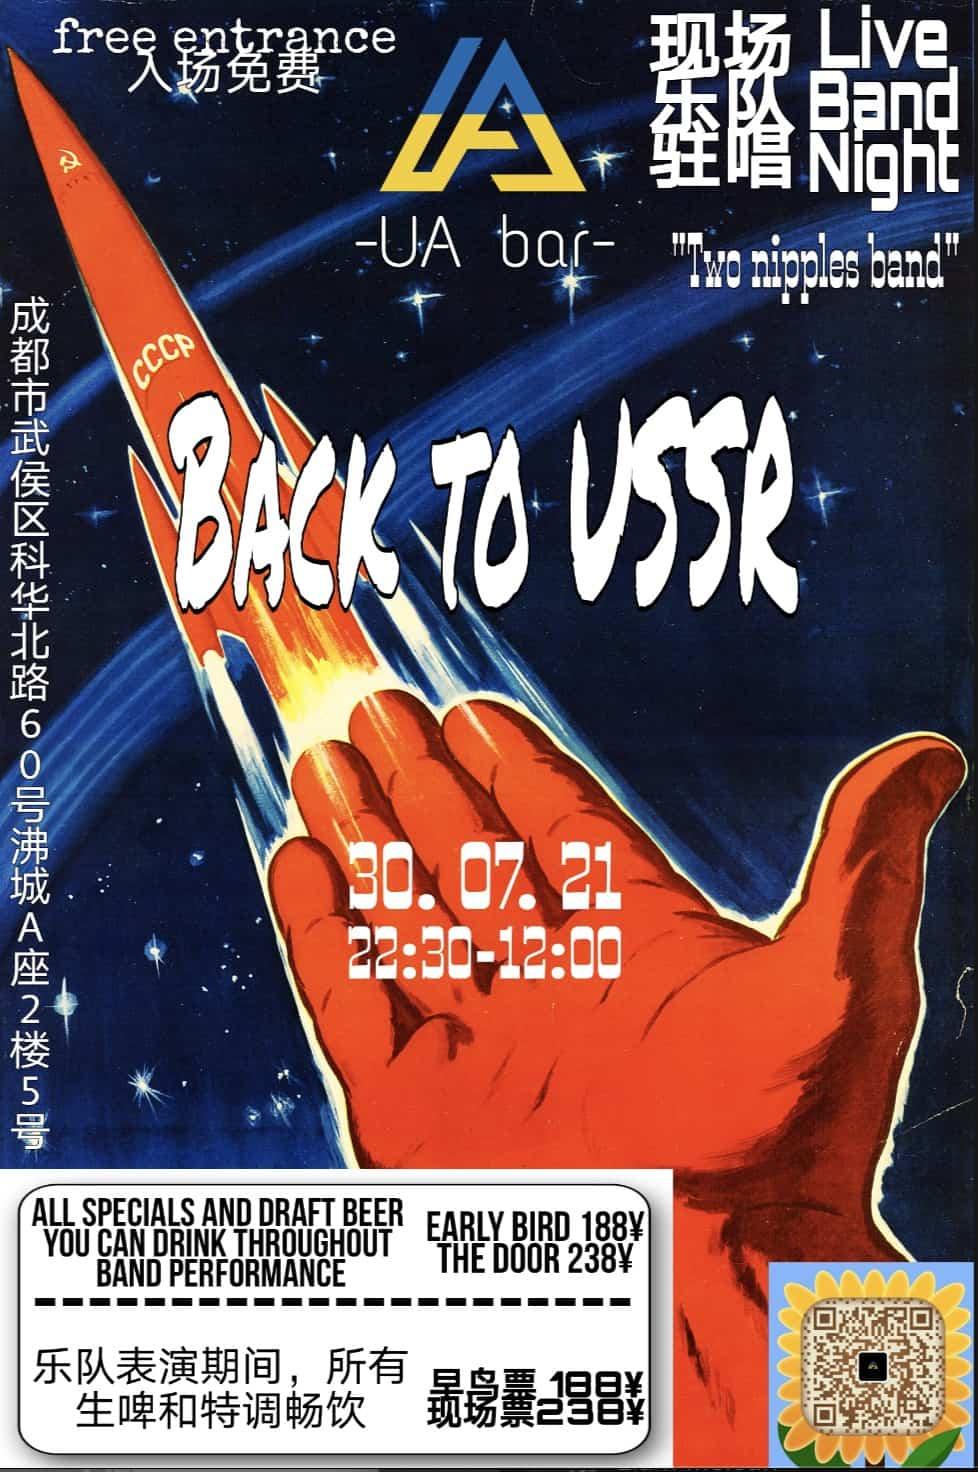 UA Bar Back to USSR party chengdu expat 1